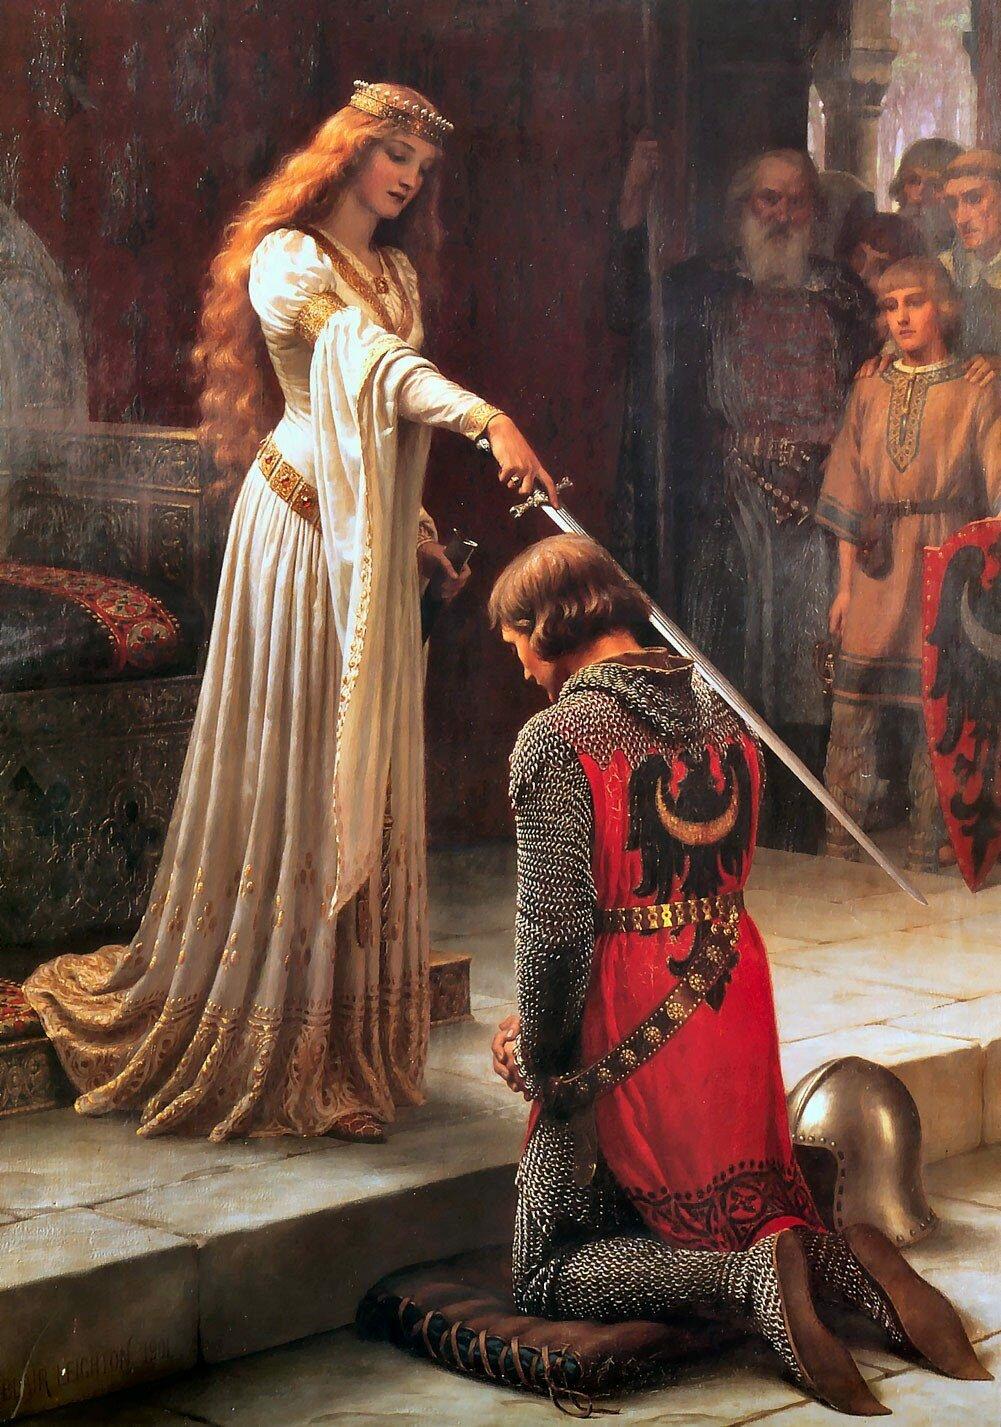 Византийская принцесса Варвара посвящает в рыцари